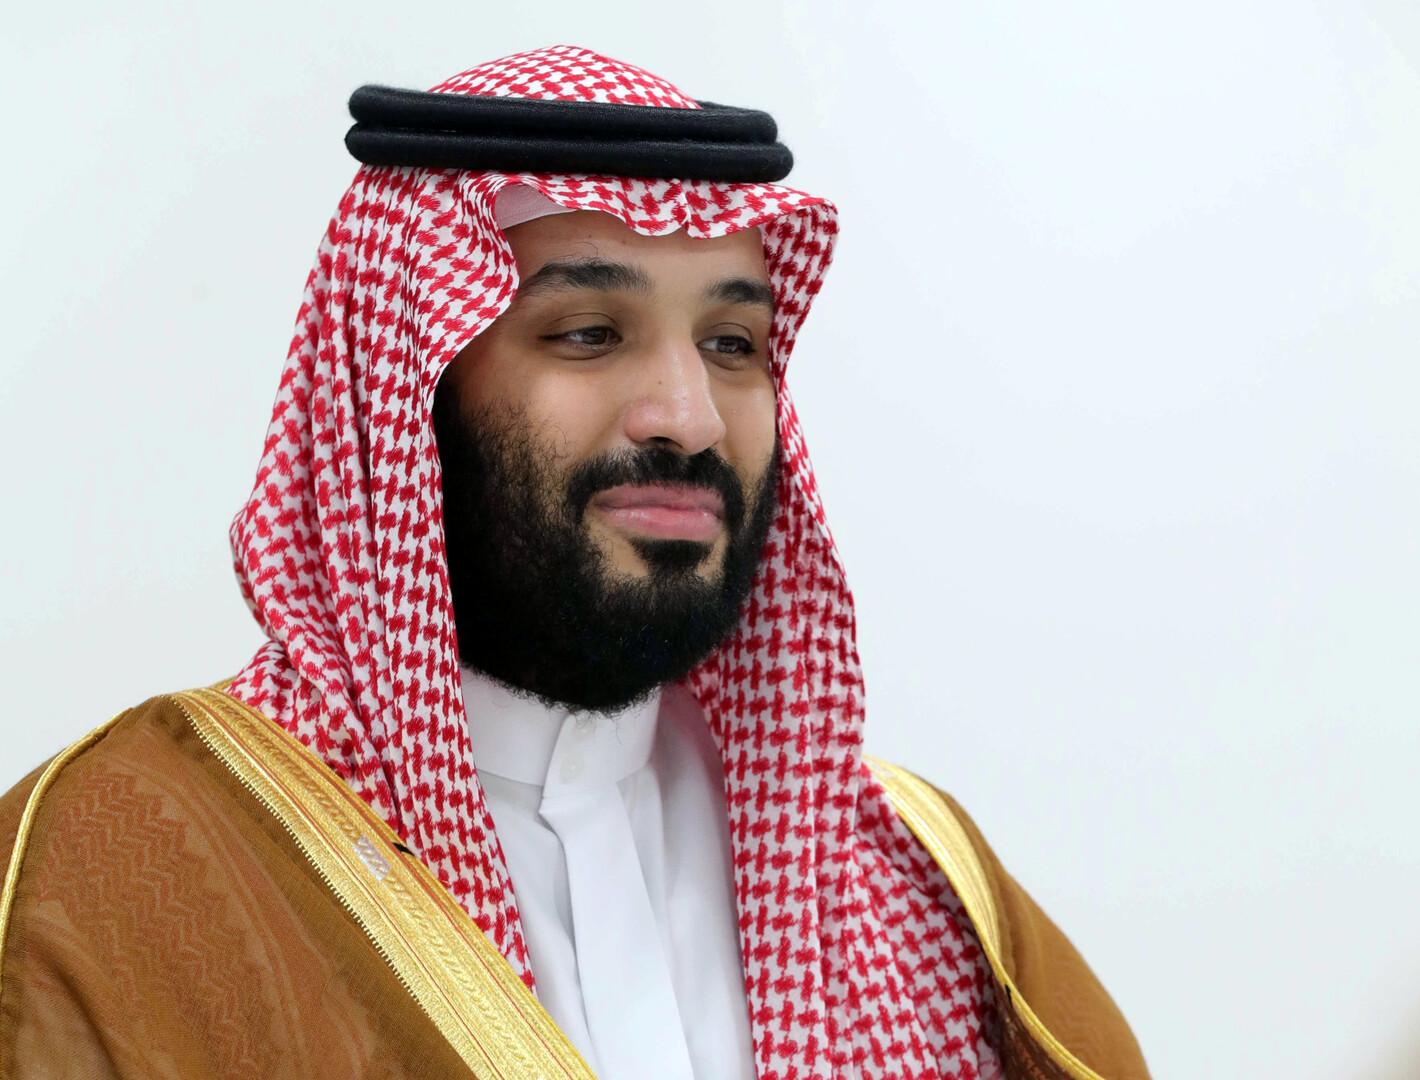 الخارجية الإسرائيلية تنشر فيديو لسعودي يدعو ابن سلمان للتطبيع مع إسرائيل